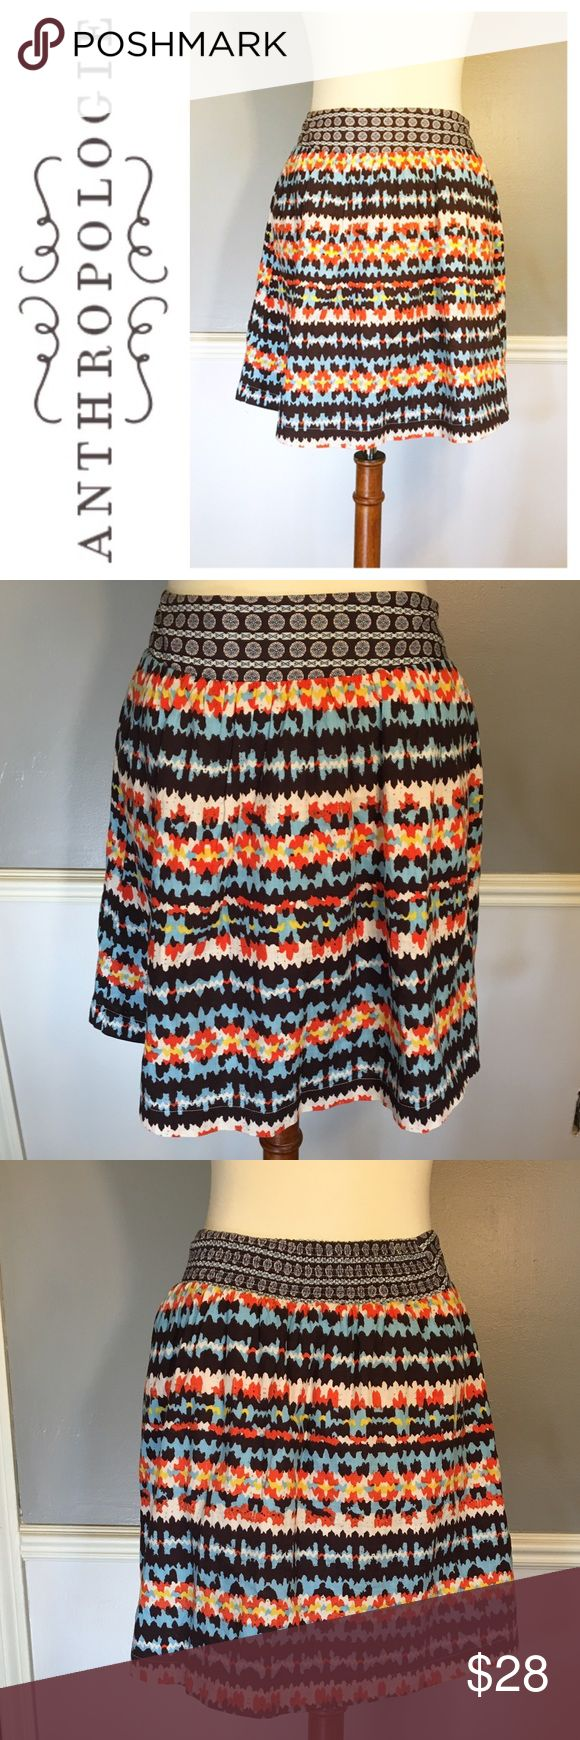 ANTHROPOLOGIE Porridge Aztec print skirt EUC without any flaws. Size 2. Anthropologie Skirts Mini